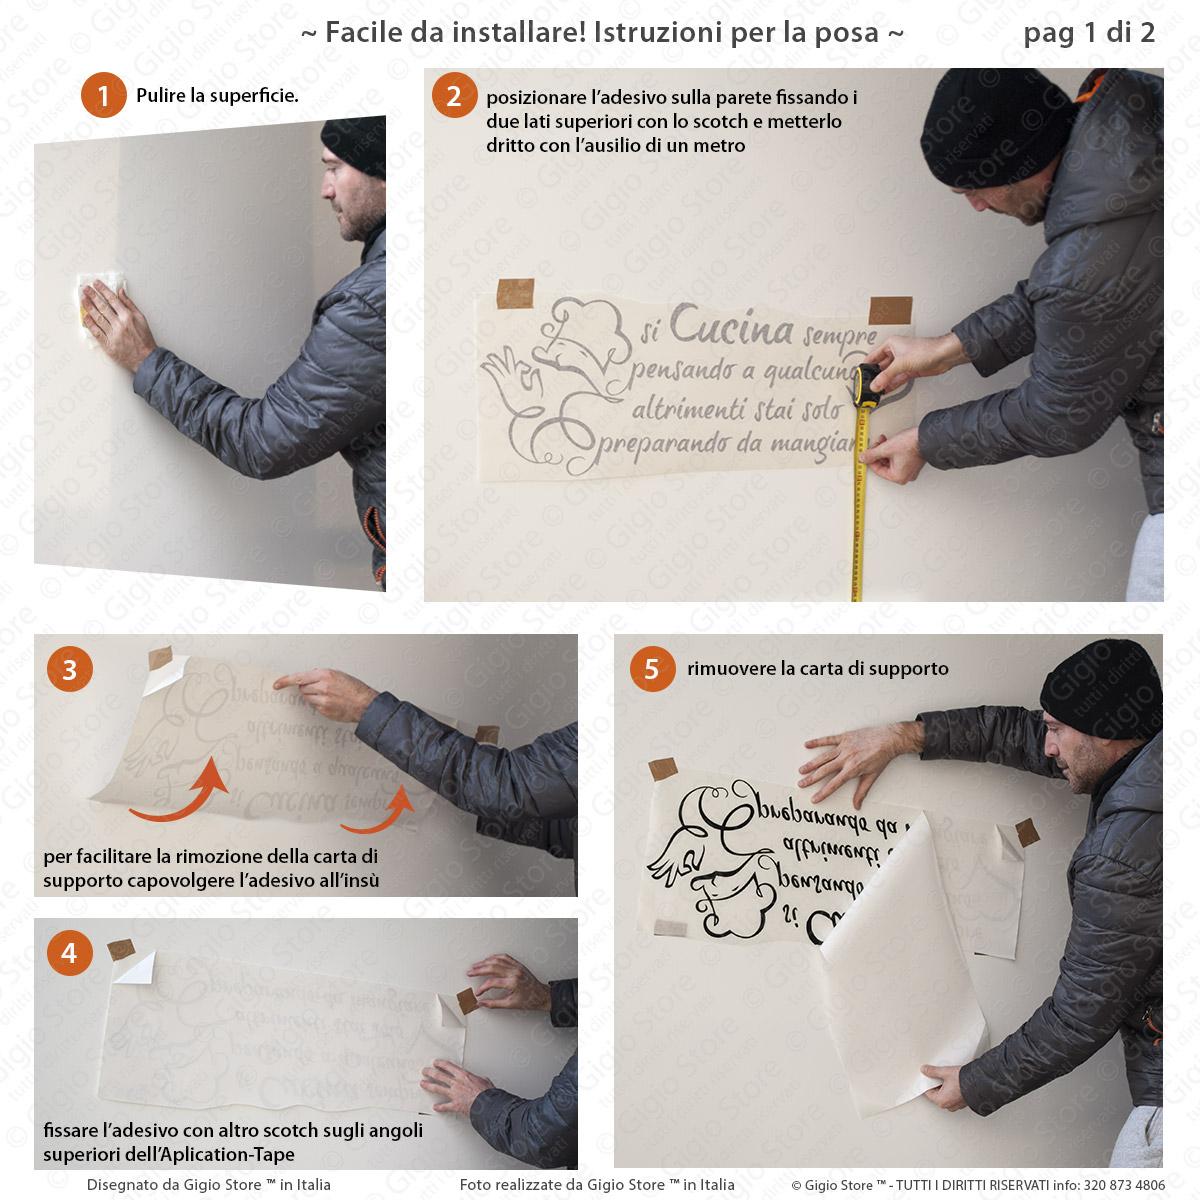 Gigio Store istruzioni applicazione sticker adesivo muro parete si cucina sempre pensando a qualcuno (1 parte)